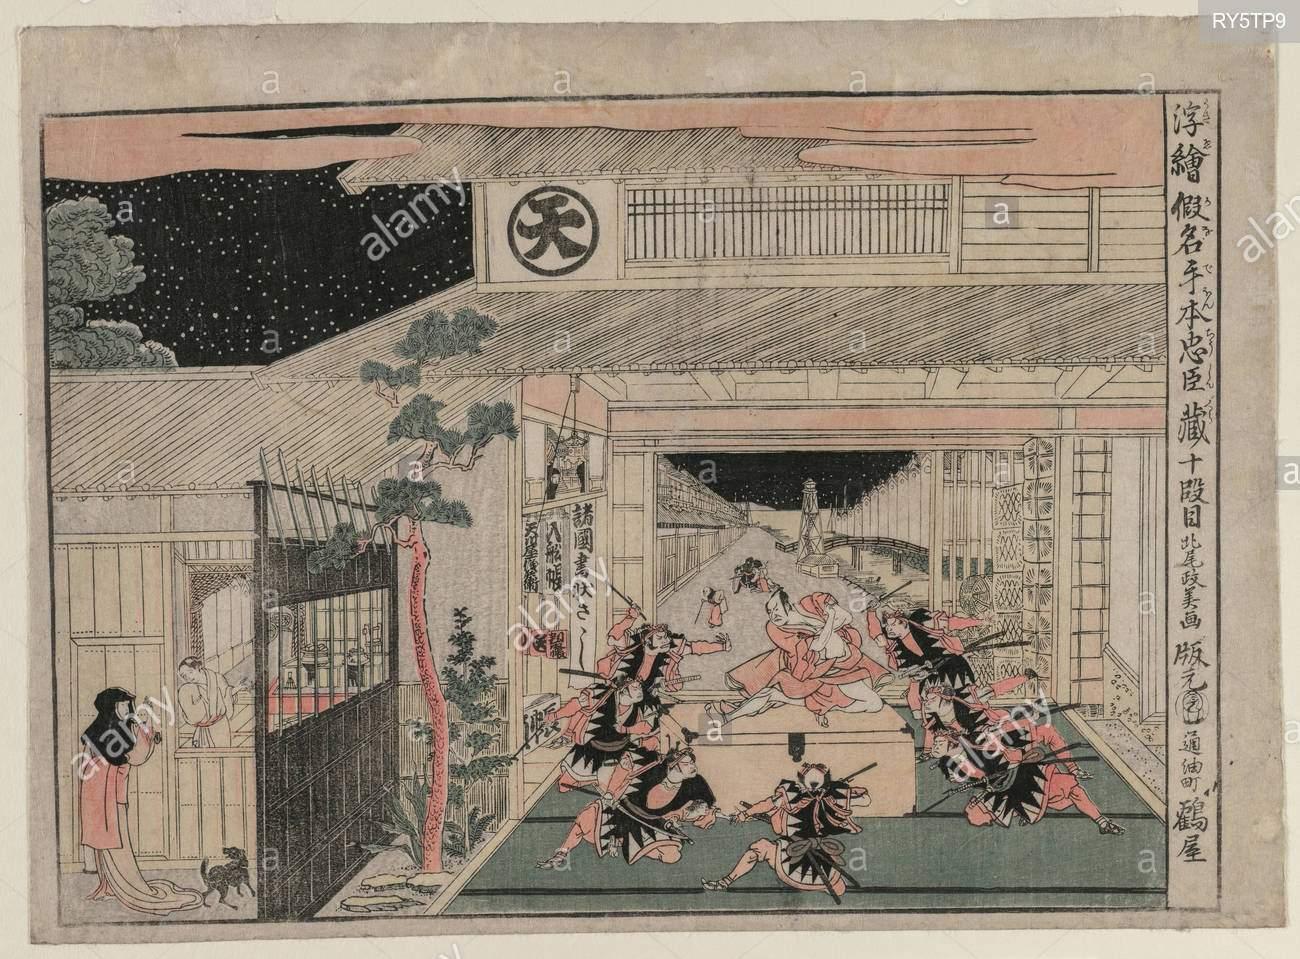 chushingura akte x aus der serie perspektive bilder fur schatzkammer der treue c 1790s kitao masayoshi japanisch 1761 1824 farbe holzschnitt bild 303 x 427 cm 11 1516 x 16 1316 in mit rand 335 x 46 cm 13 14 x 18 18 in ry5tp9